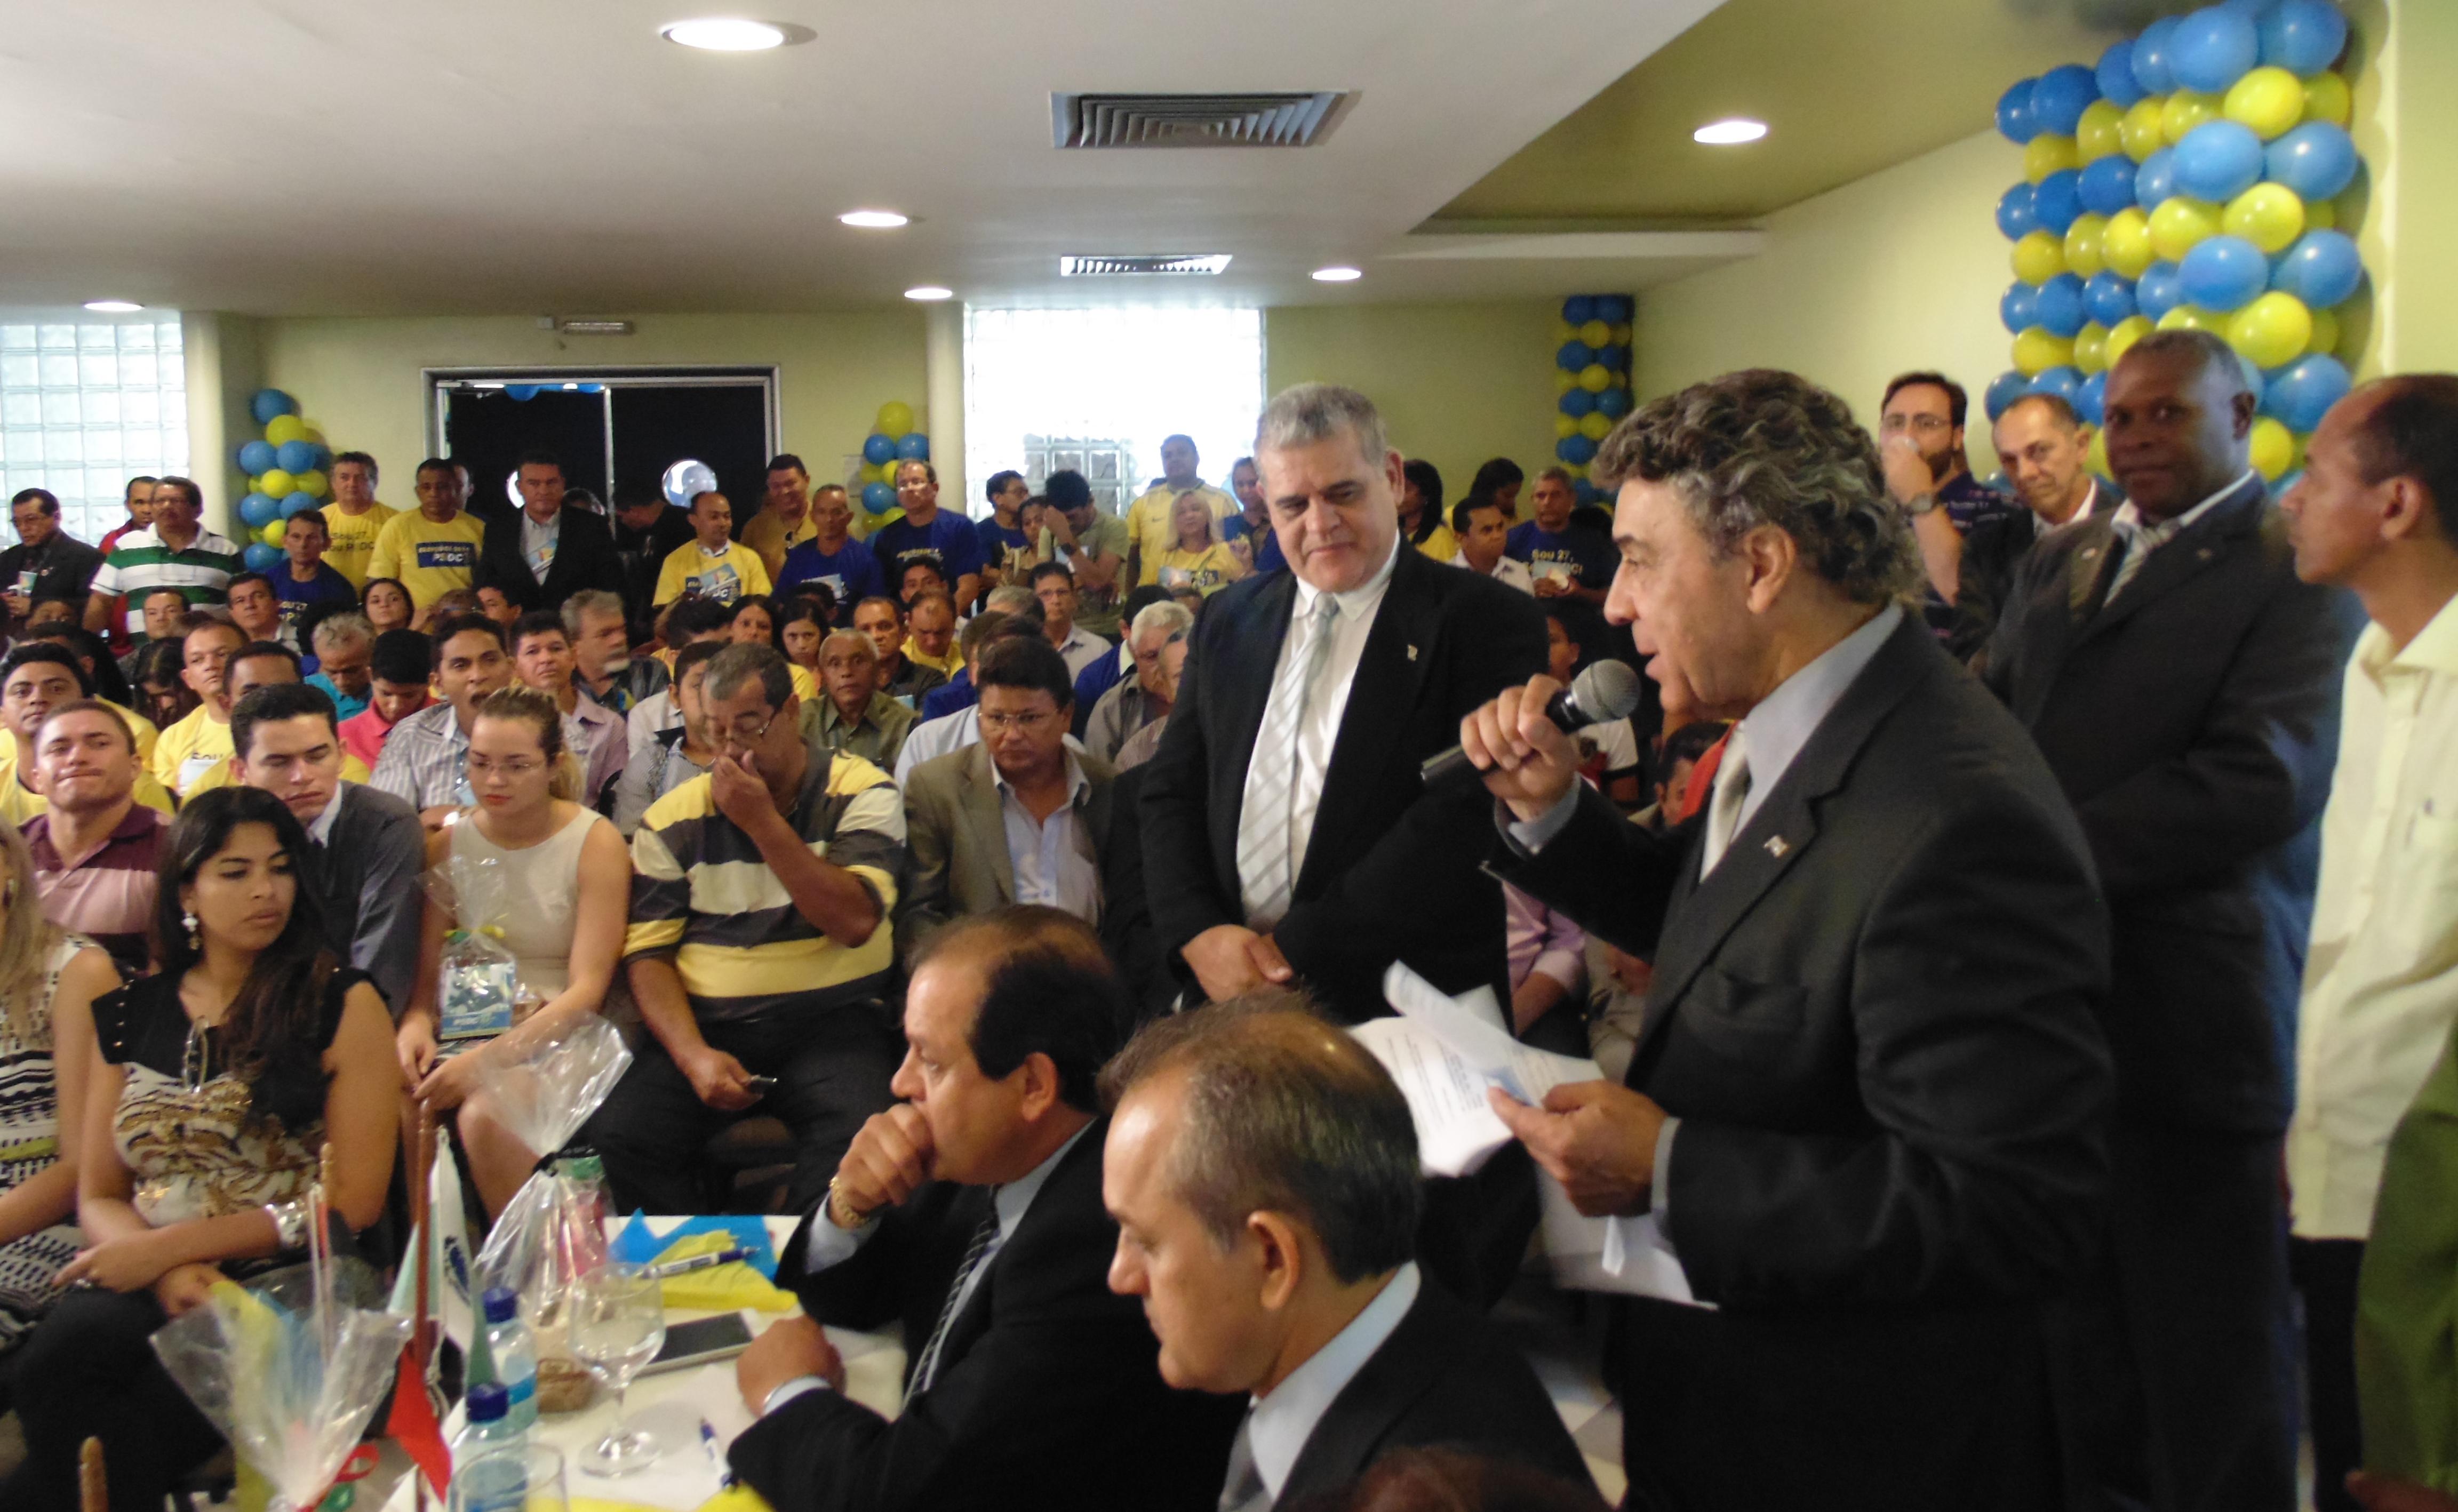 Rubens Pavão, membro da Executiva Nacional e Diretor de Propaganda e Marketing do PSDC, fala ao publico presente. (Foto: Assessoria de Imprensa PSDC)